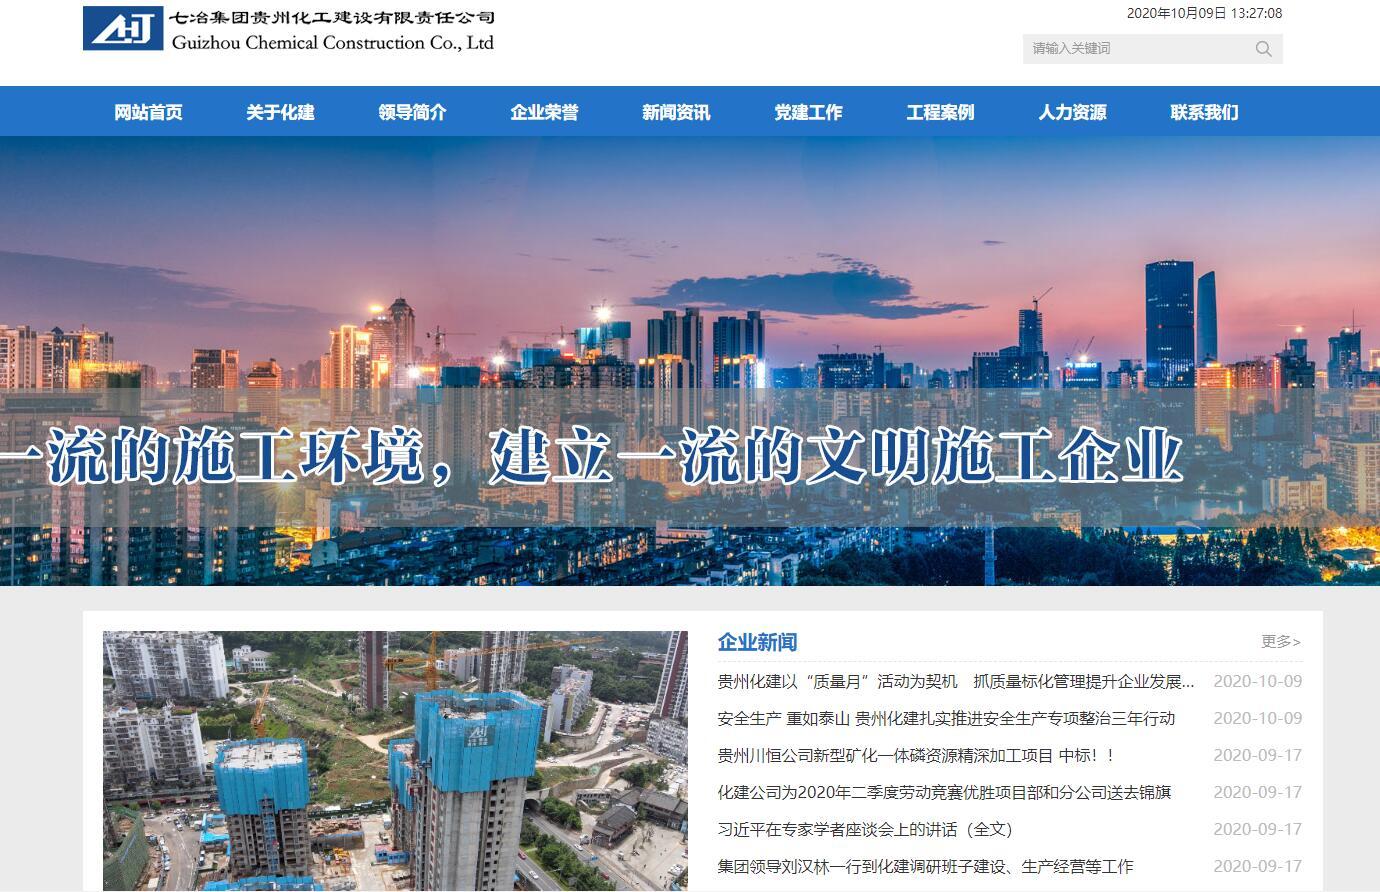 贵州化工建设有限责任公司官网案例